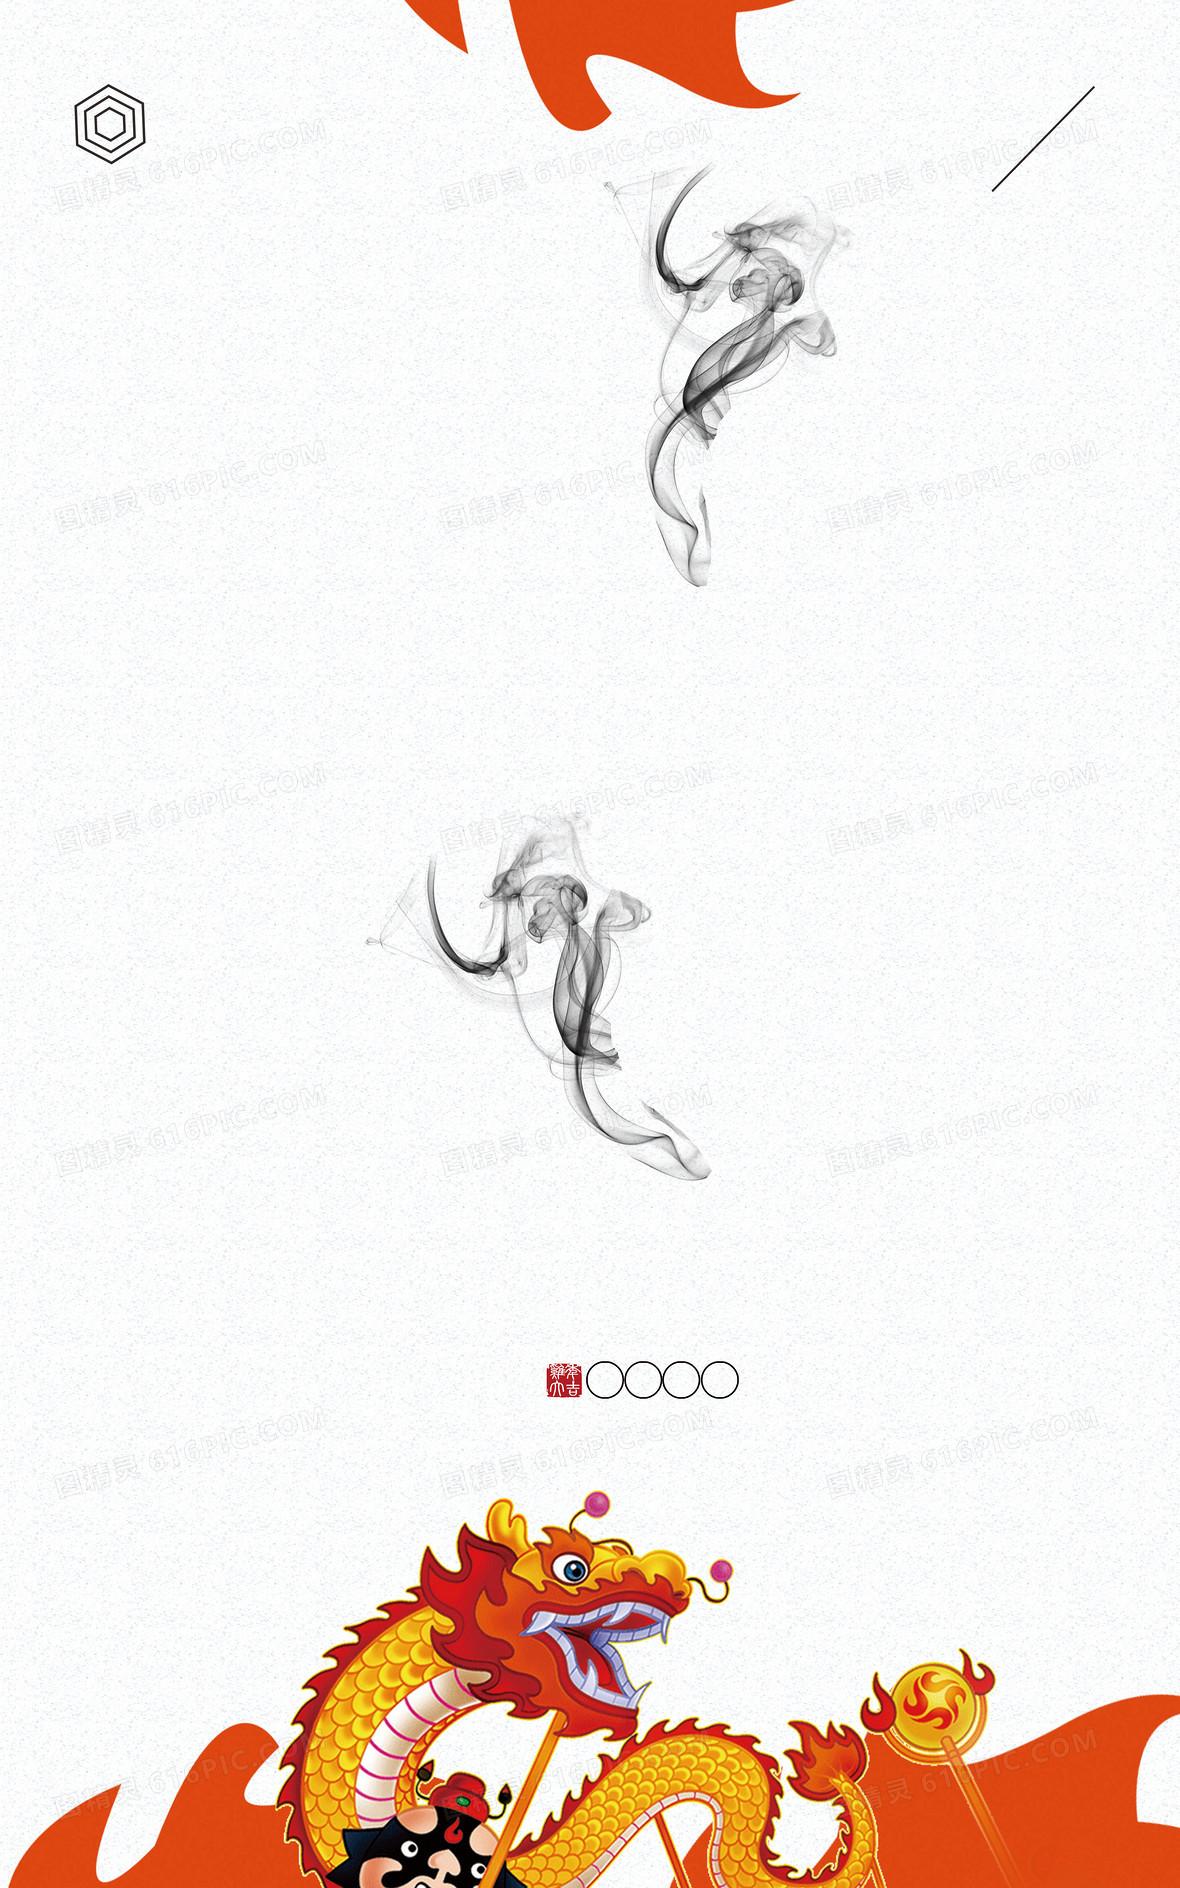 中国风手绘龙海报背景